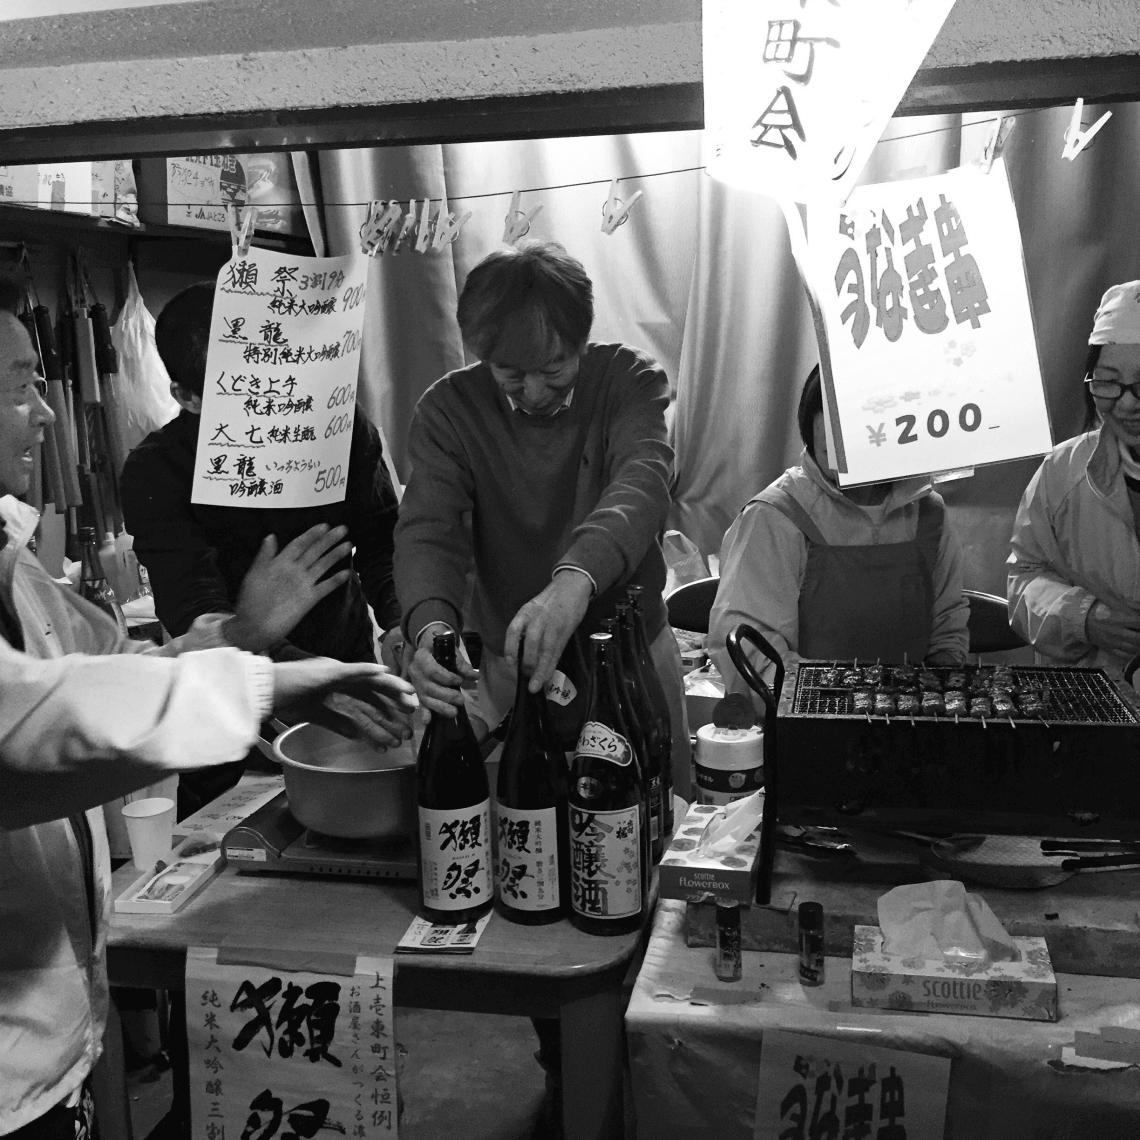 Sake seller during cherry blossom season, in Naka-Meguro, Tokyo, Japan